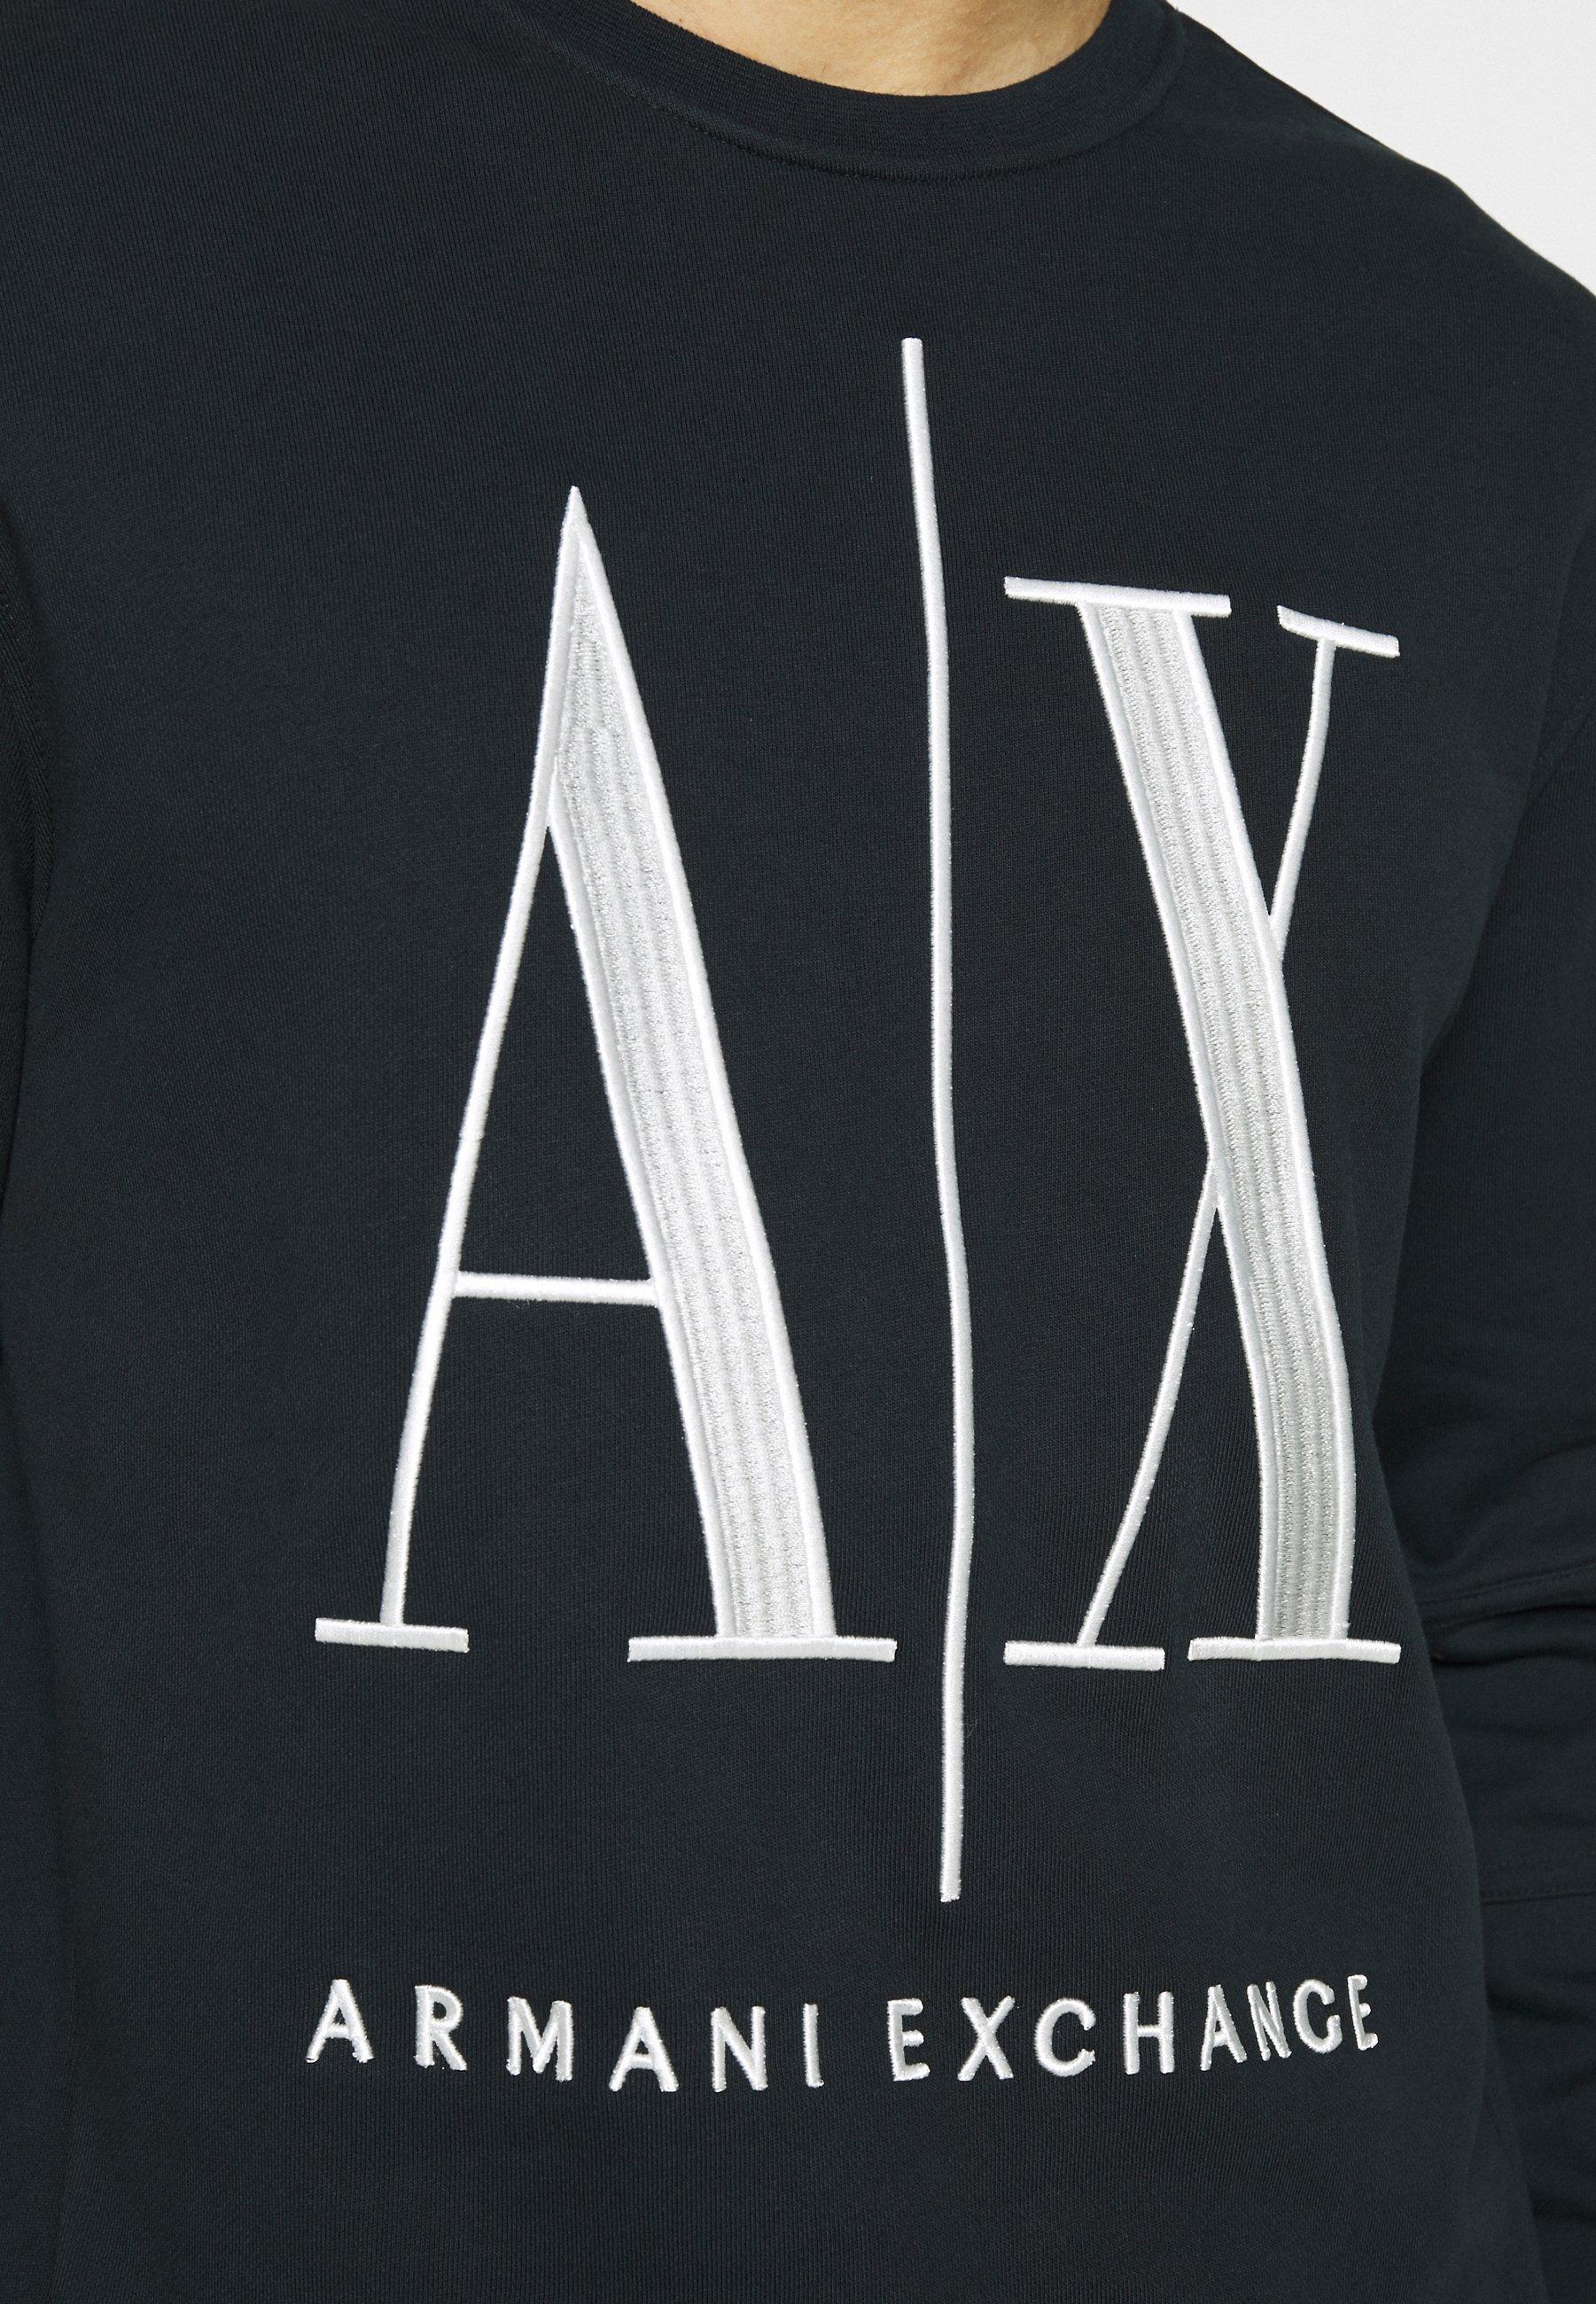 Armani Exchange Sweatshirt - Navy Black Friday